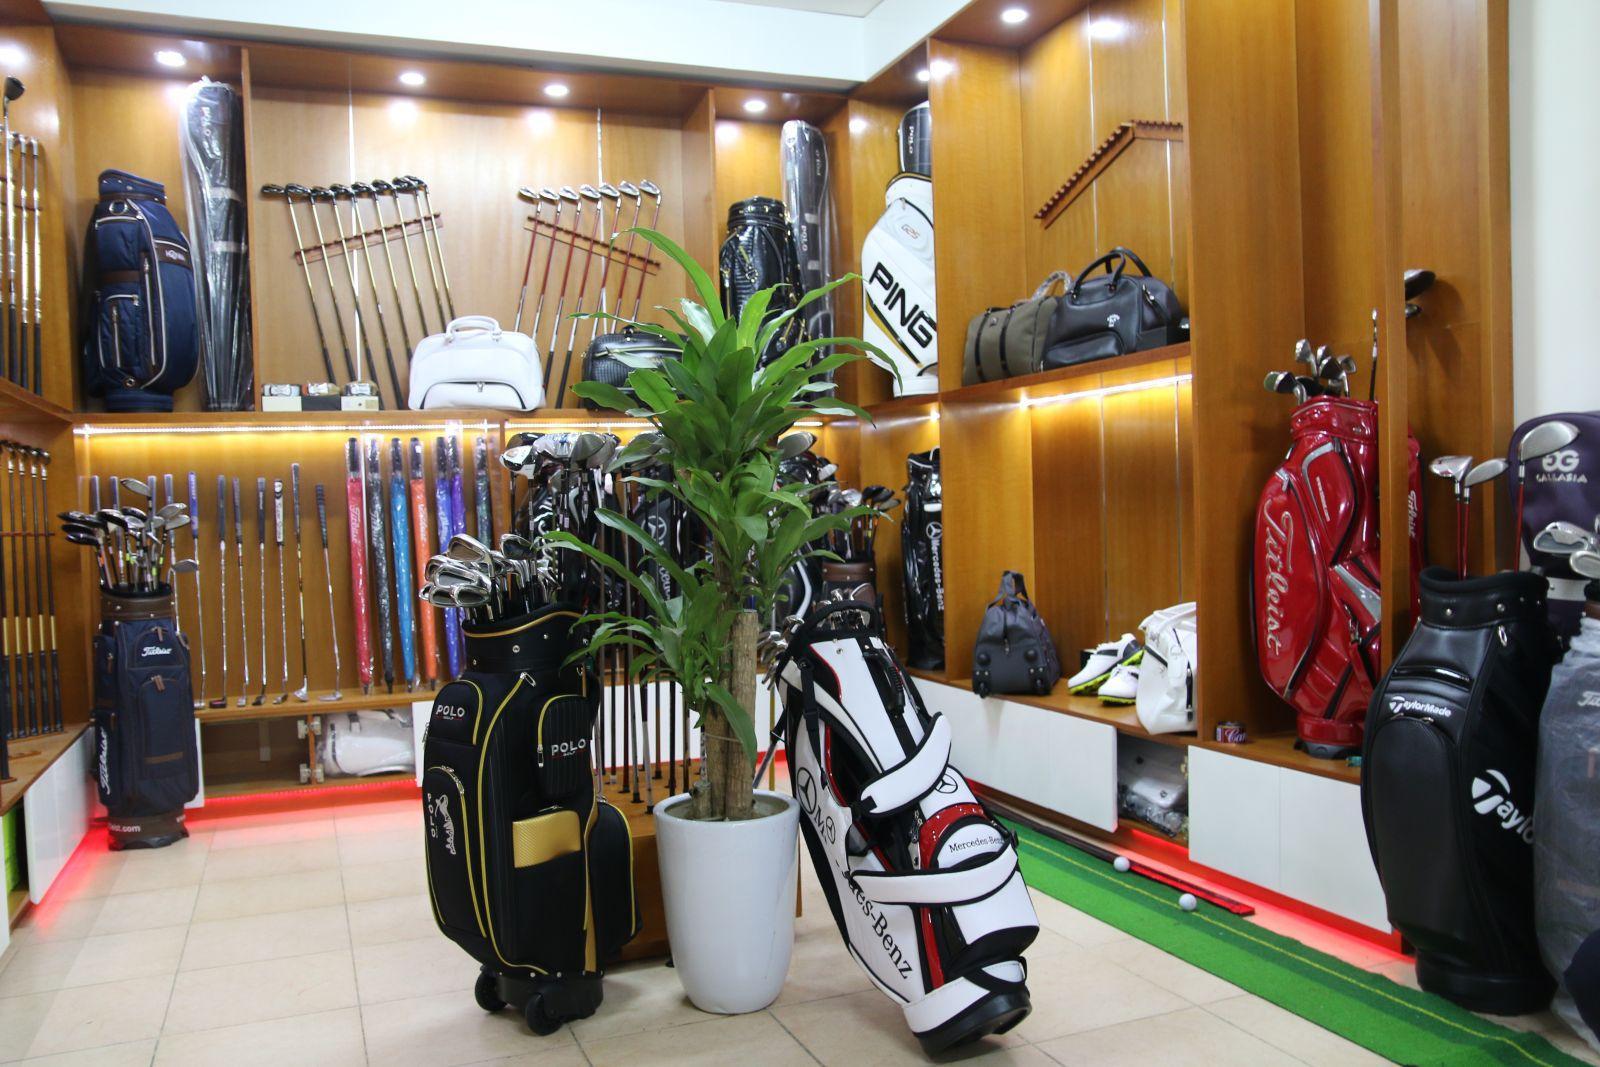 Shop golf Thế giới gậy cũ - cửa hàng golf bán gậy cũ và phụ kiện golf uy tín nhất